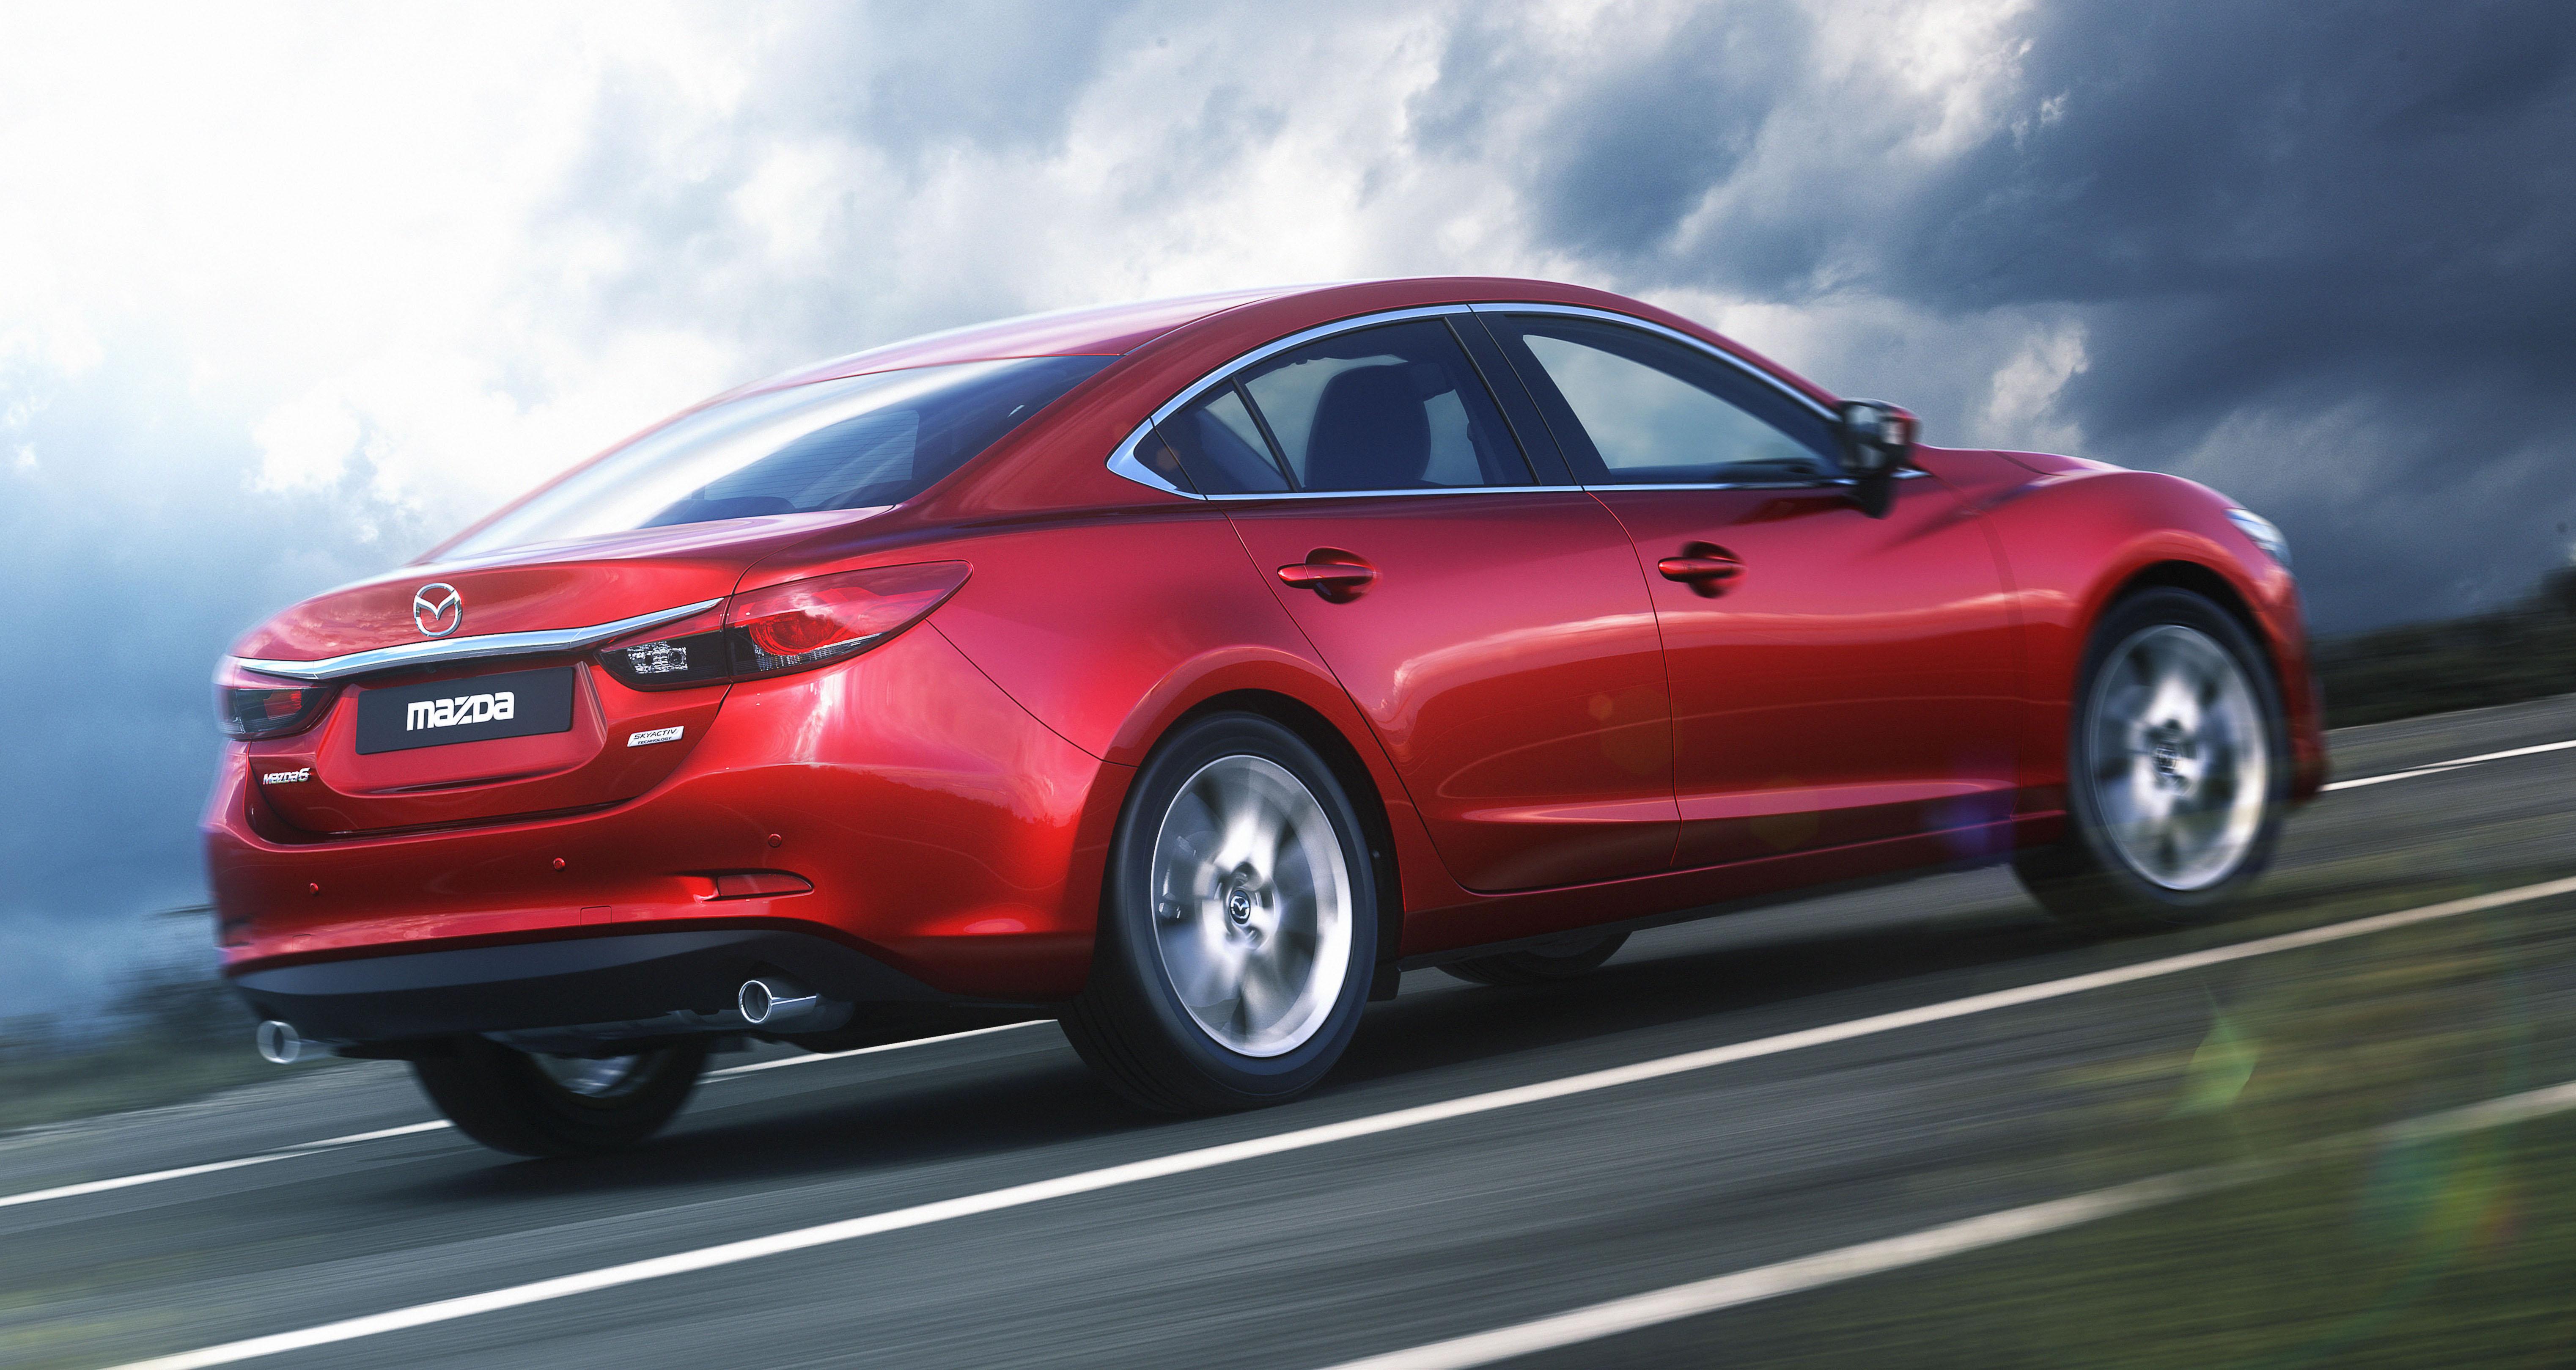 New Mazda 6 >> All-new Mazda 6 revealed – Skyactiv tech, Kodo design Image 127454